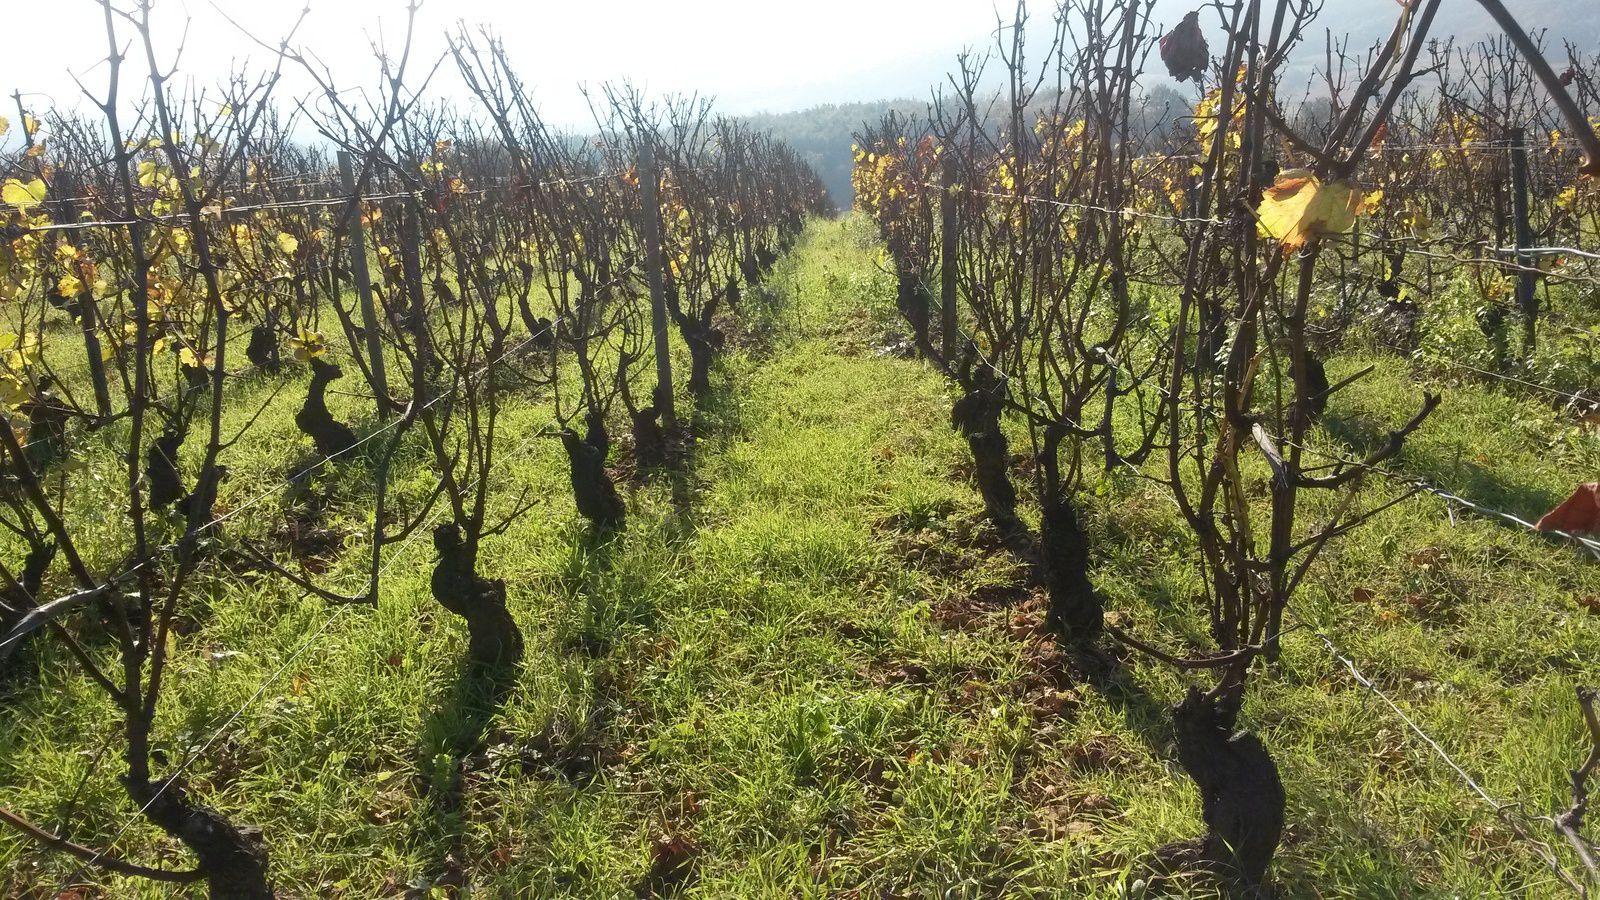 Ses vignes sont parfaitement entretenues, gage de qualité, indéniablement.